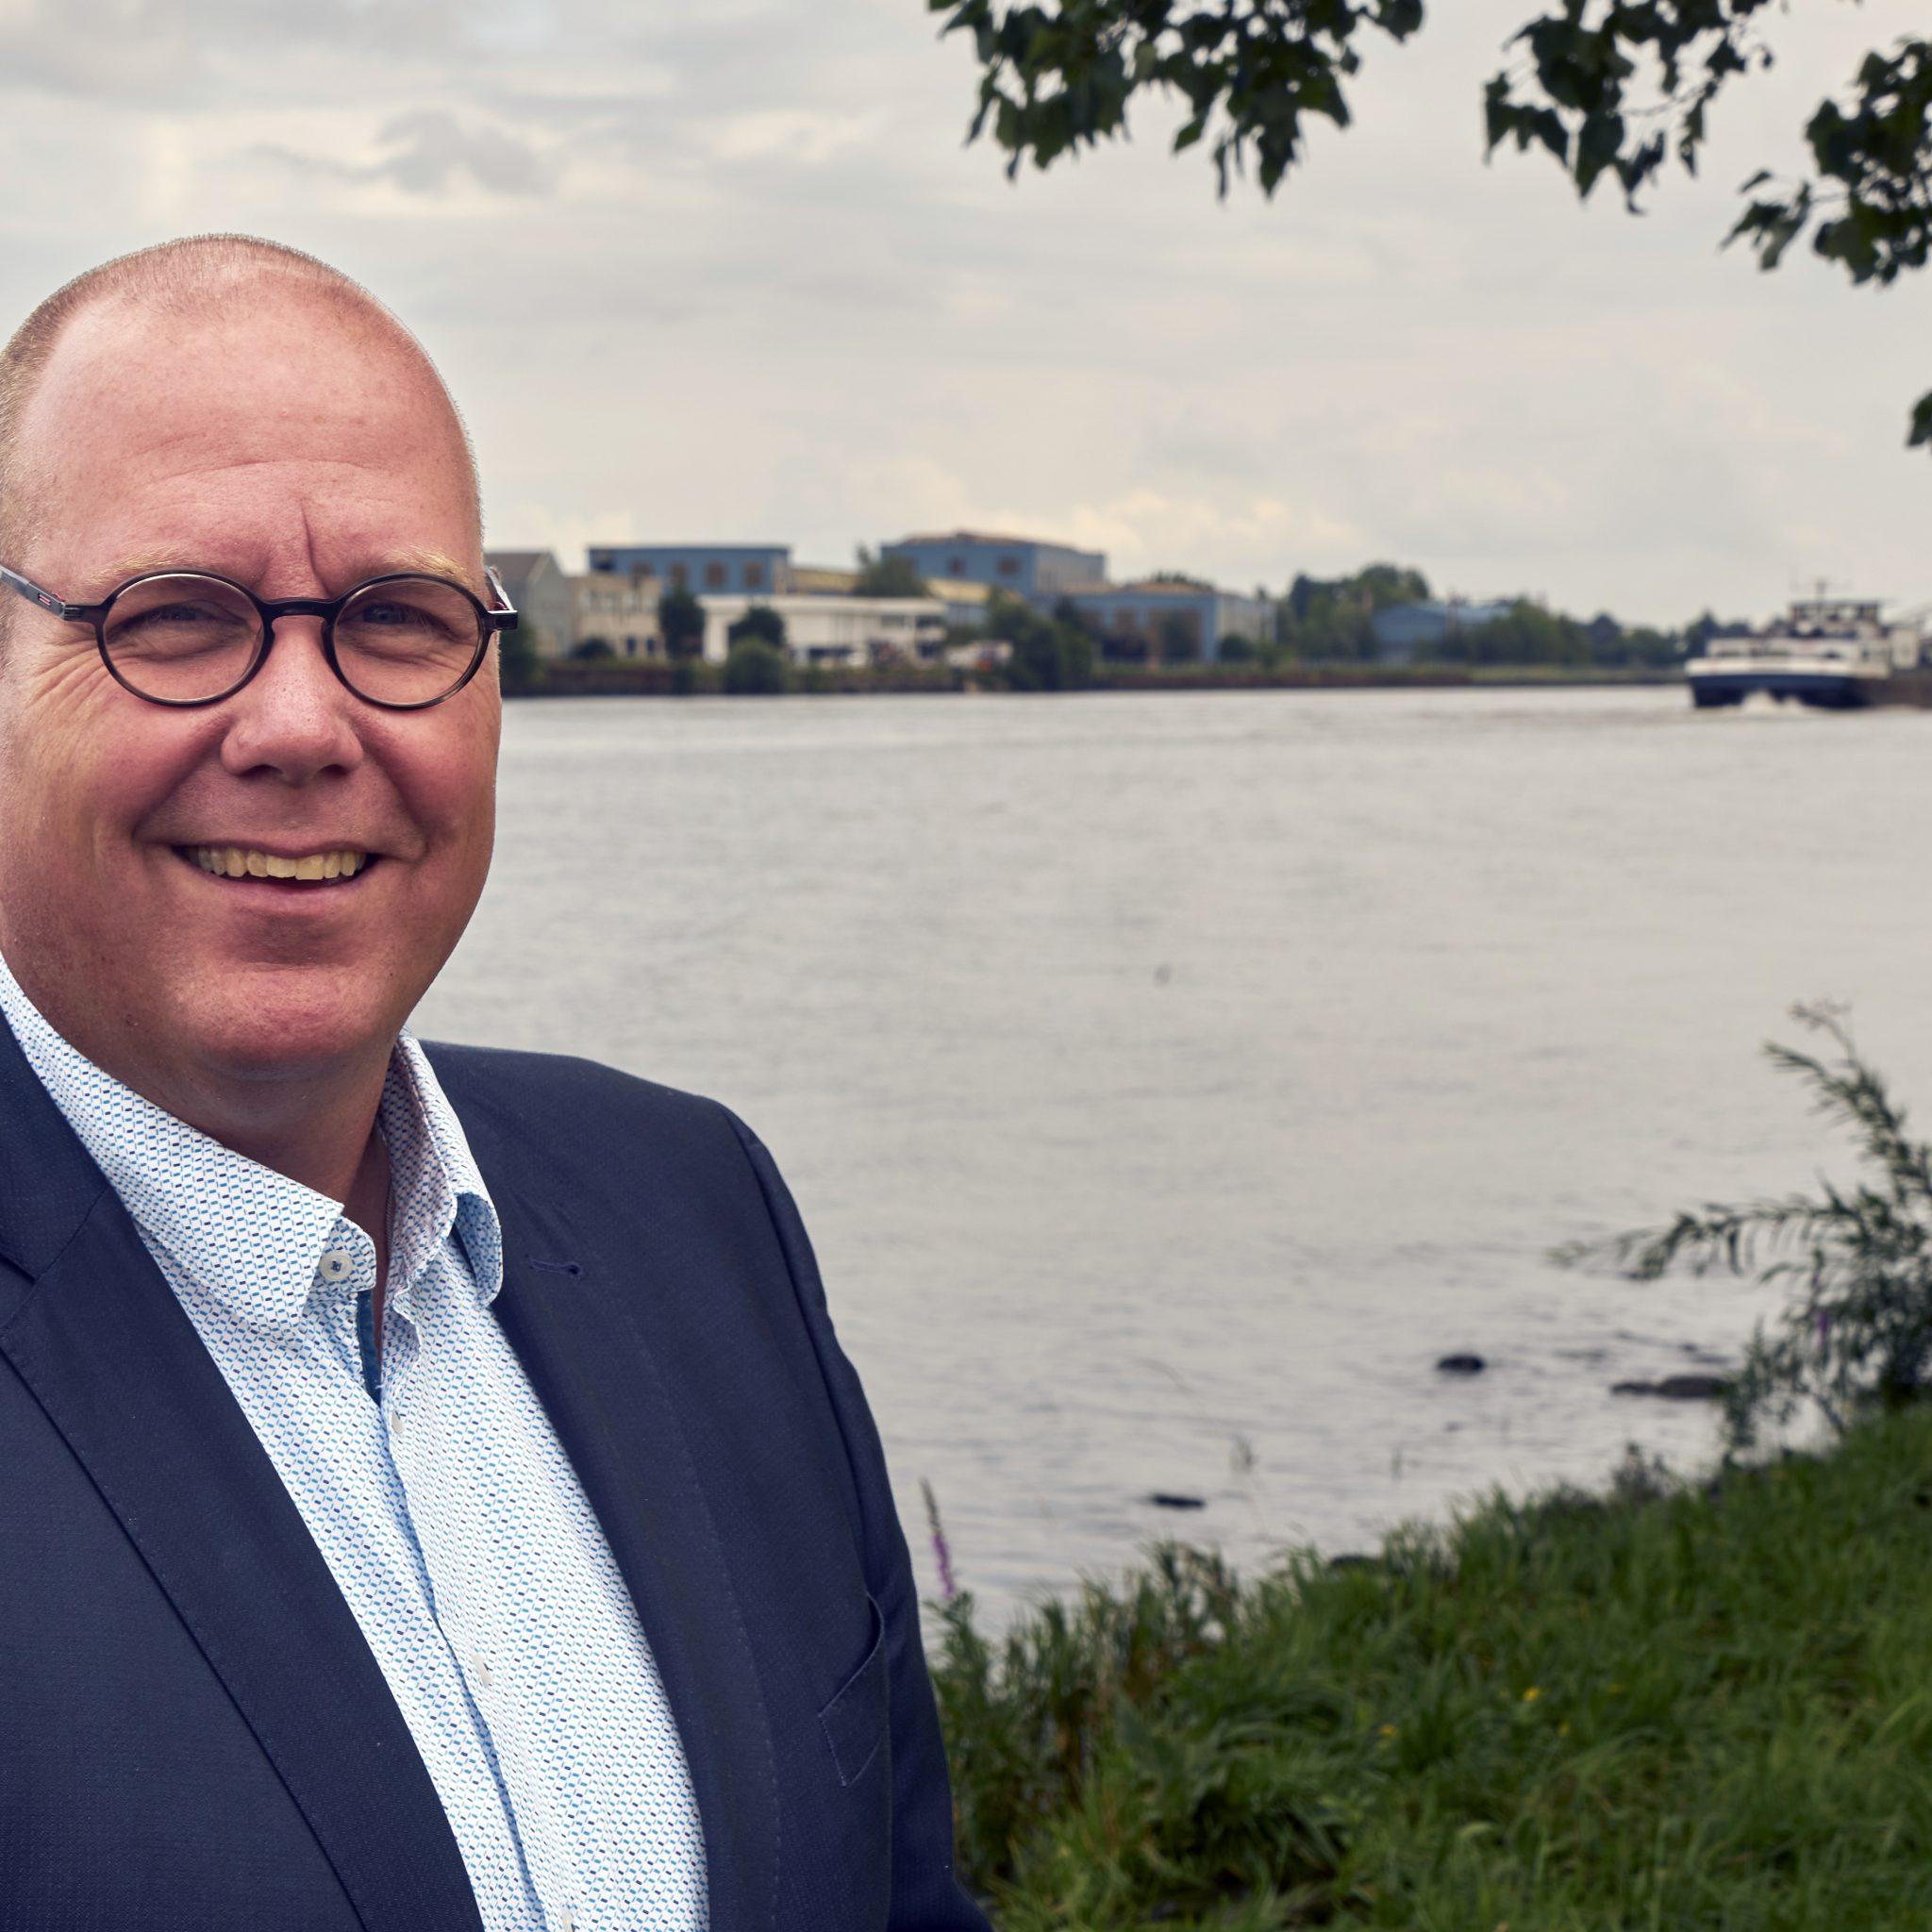 De nieuwe directeur van Mercy Ships Holland, Martijn Provily. 'Mercy Ships is voor mij hét voorbeeld van onbaatzuchtige naastenliefde.' (Foto Mercy Ships)